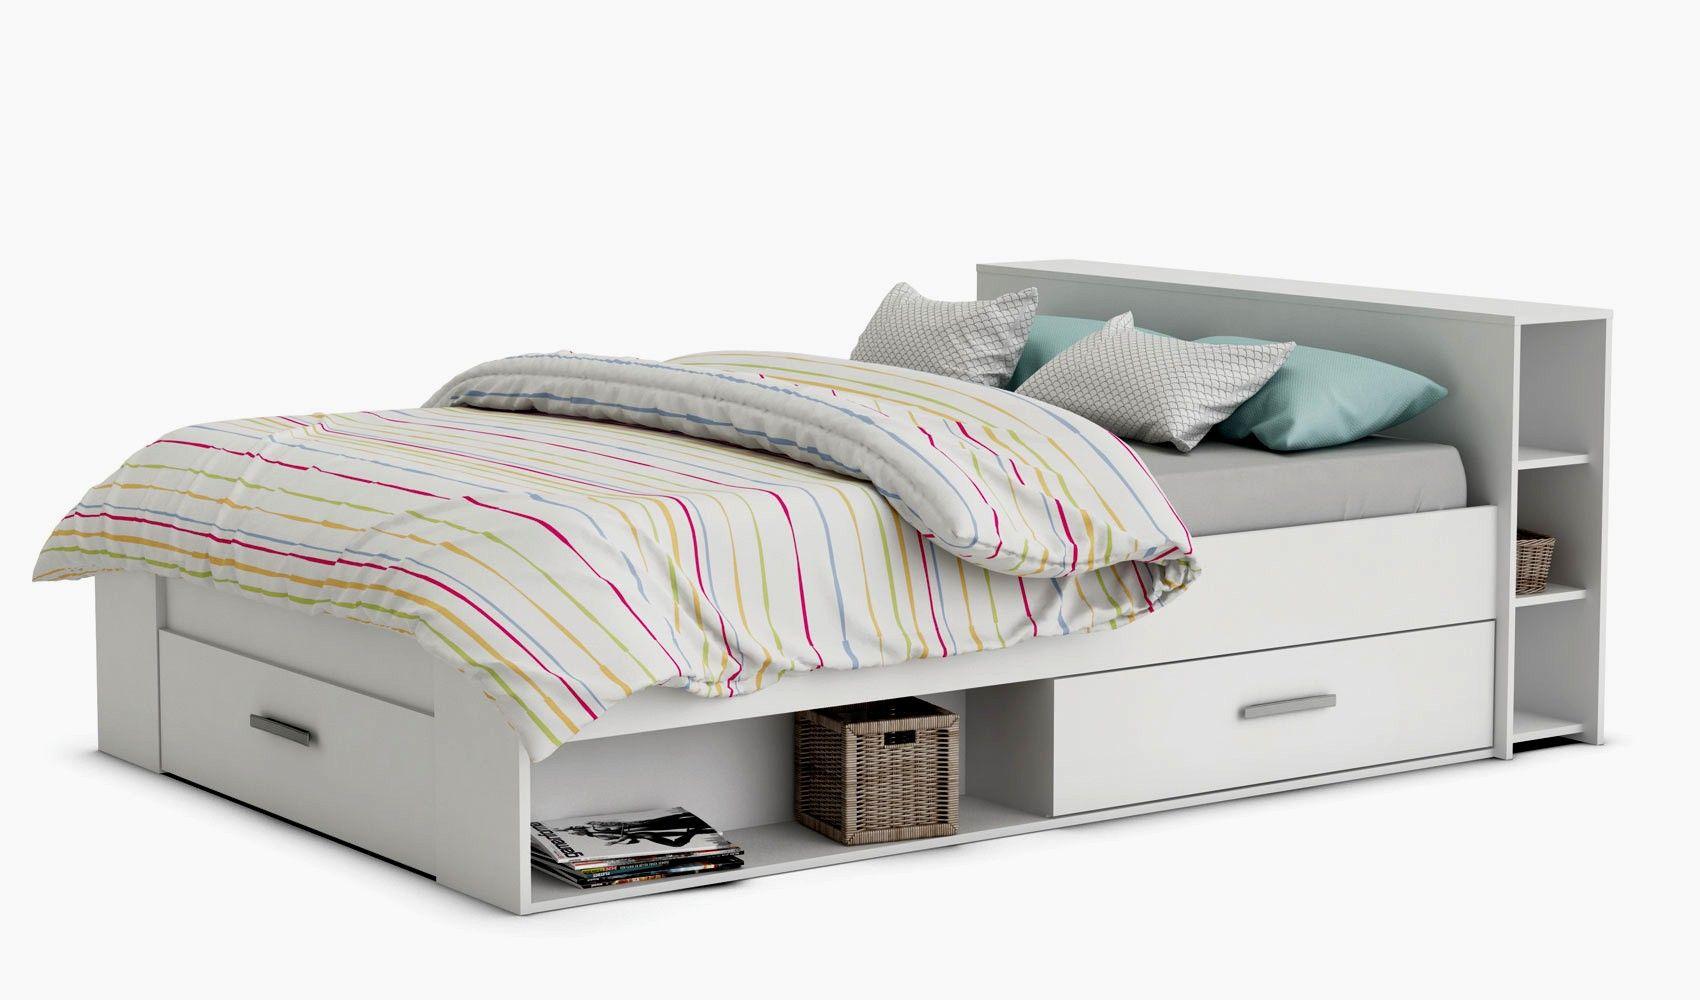 79 Einfach Bett 1 40 Breit Check More At Https Www Claudia Rath Net Bett 1 40 Breit Bett 120x200 Bett 120 Bett 120x200 Weiss